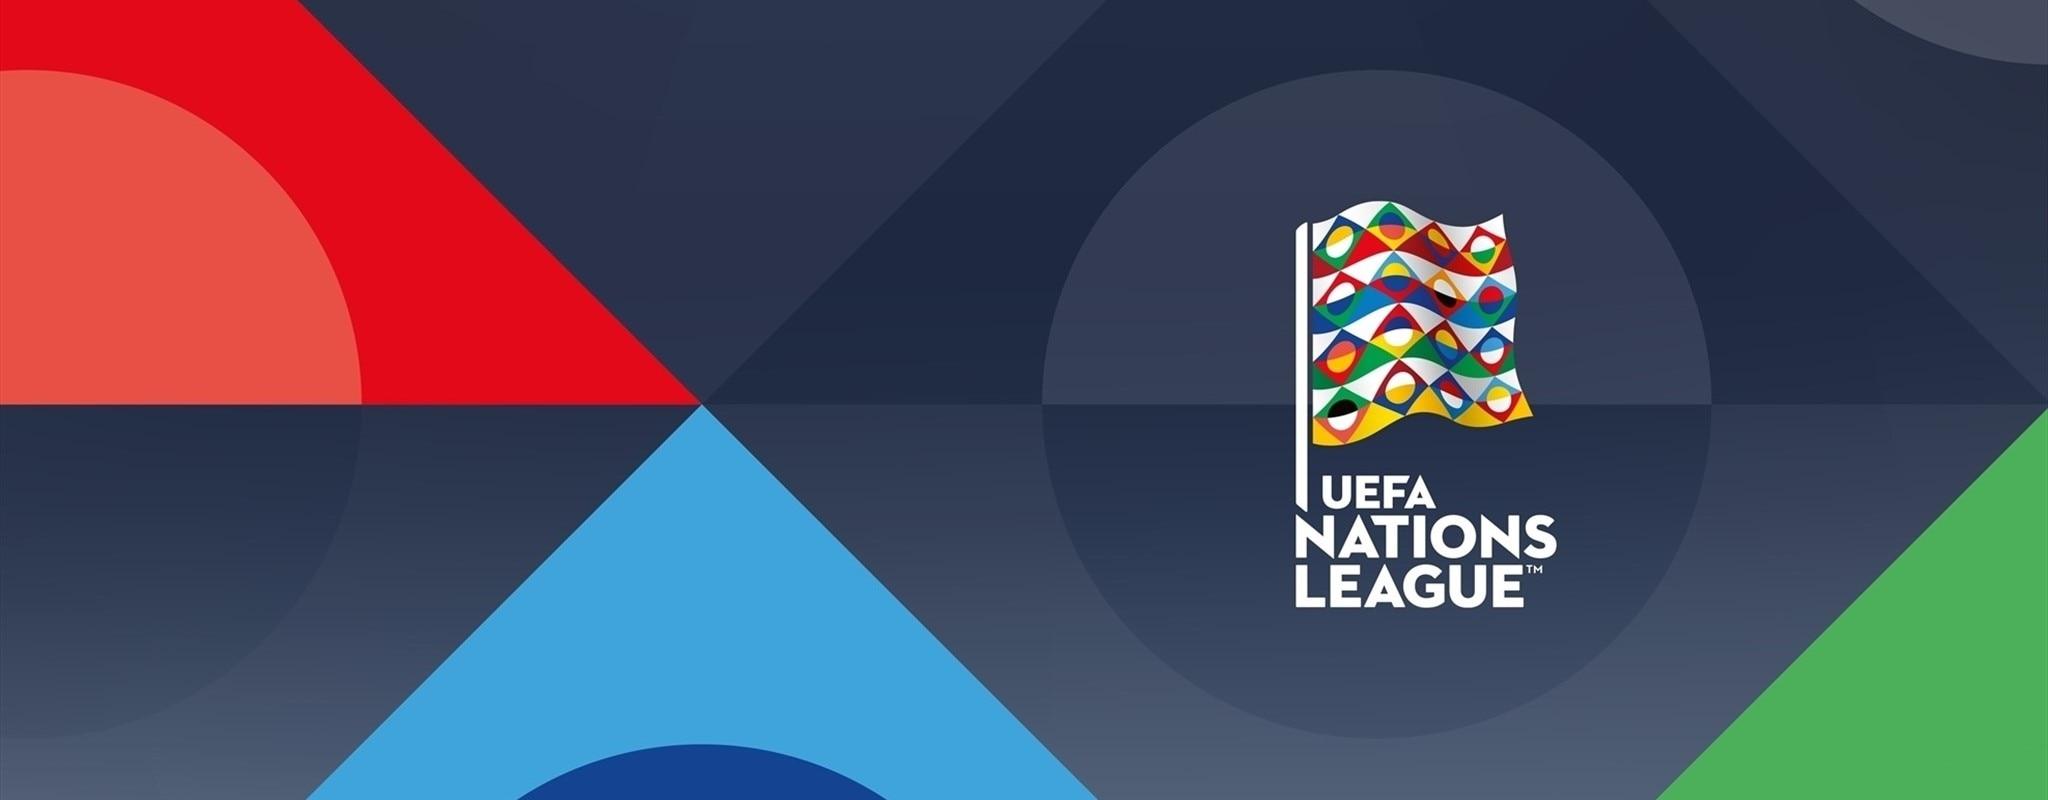 de.uefa.com